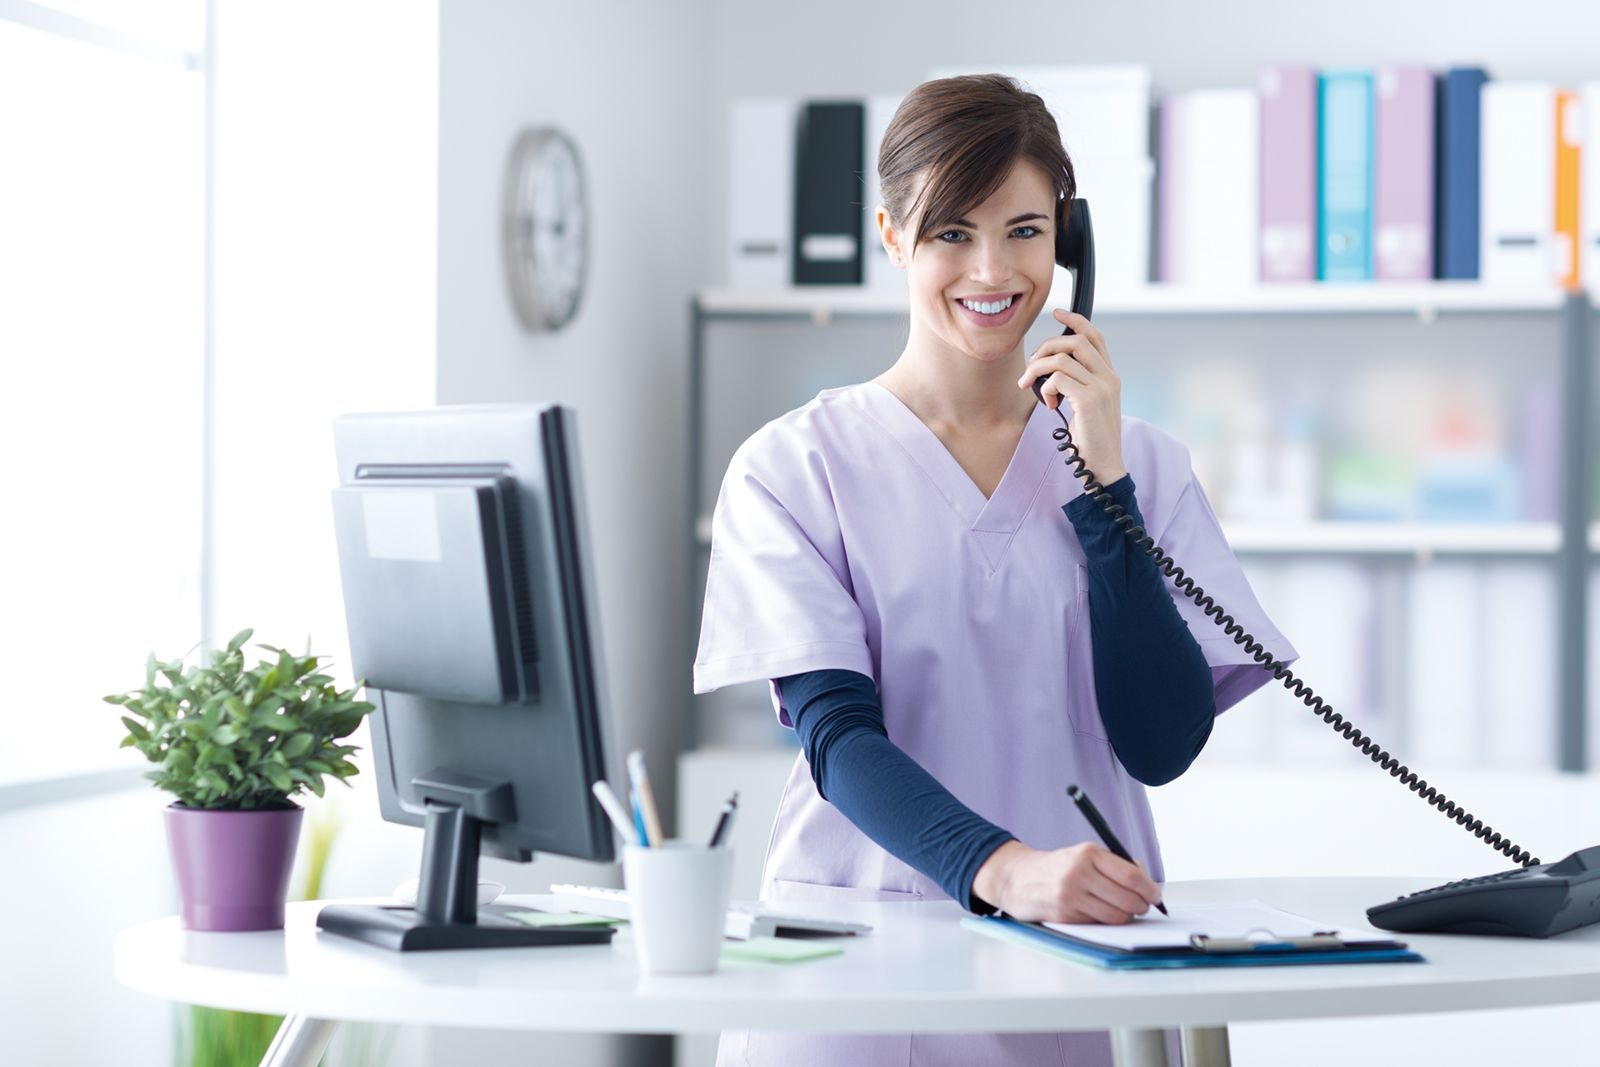 Comment attirer les clients vers votre clinique